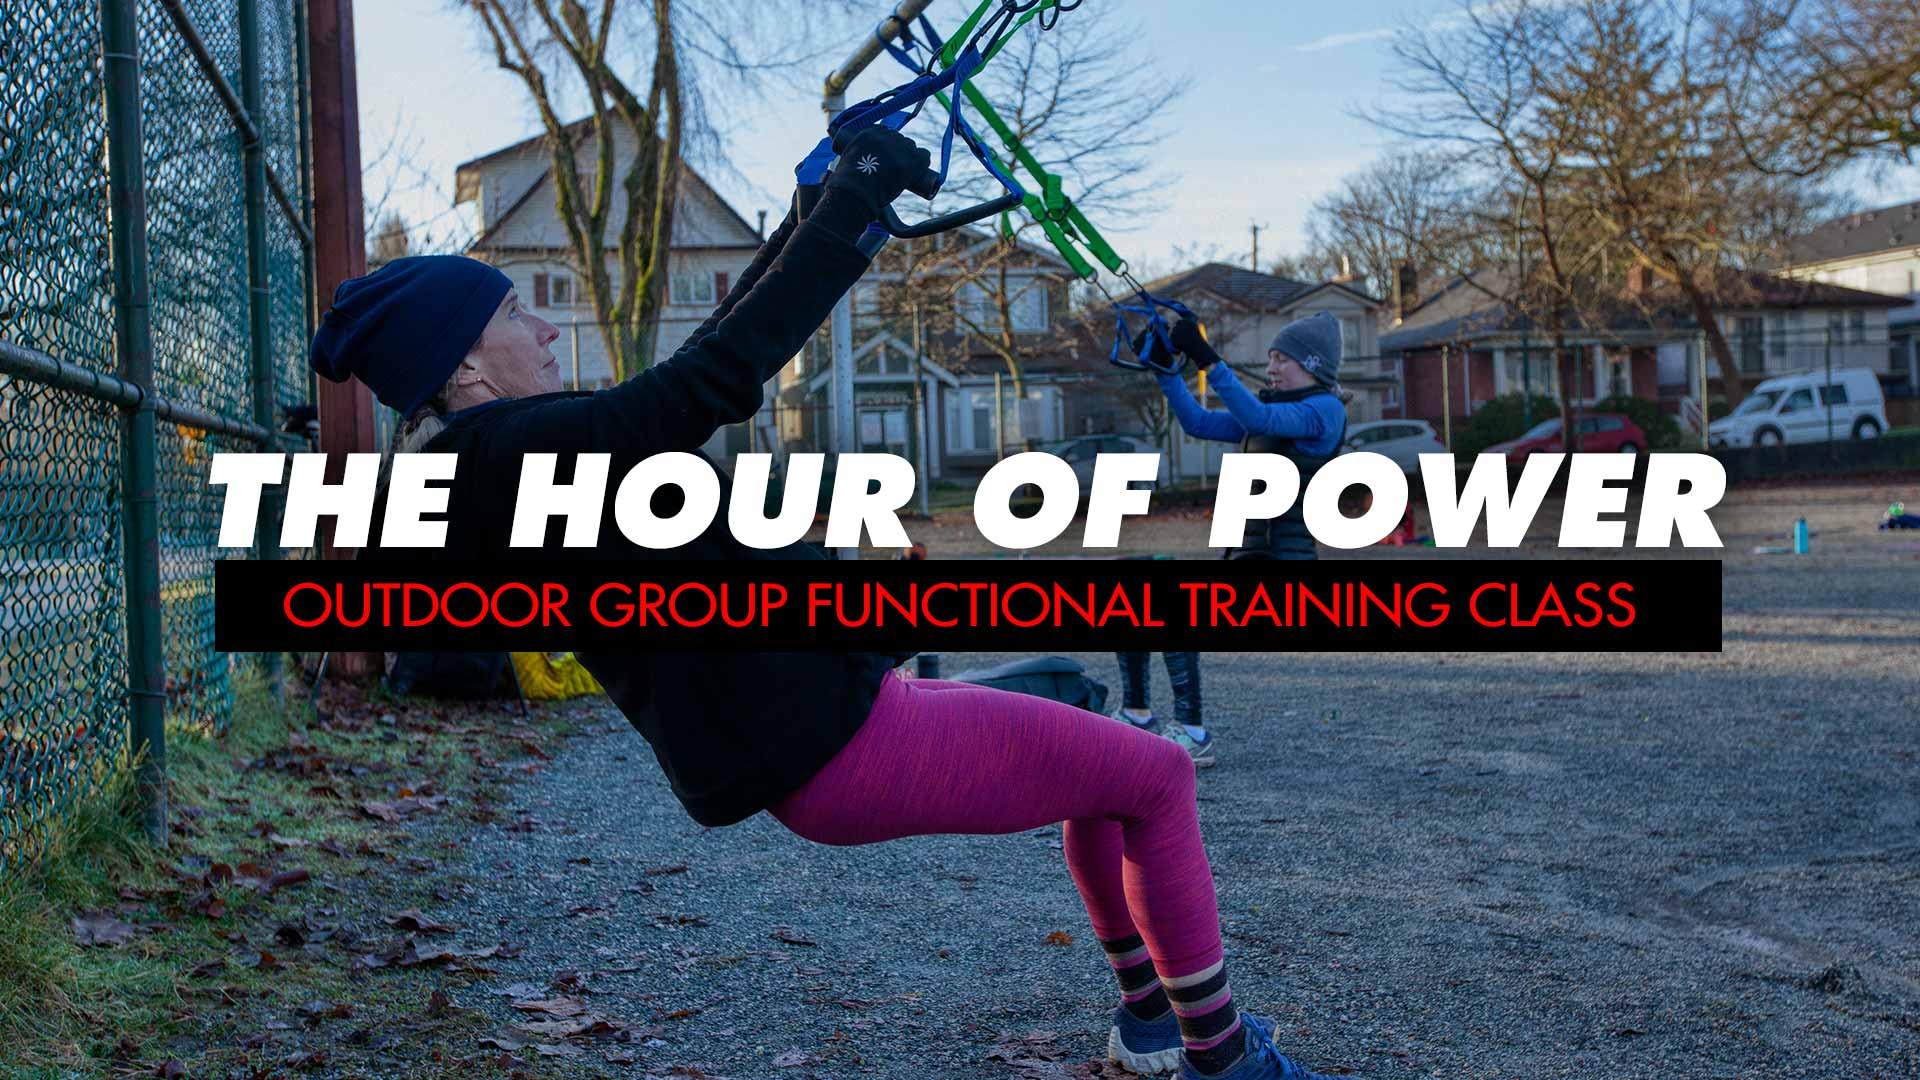 ae-hour-of-power-hero-2021